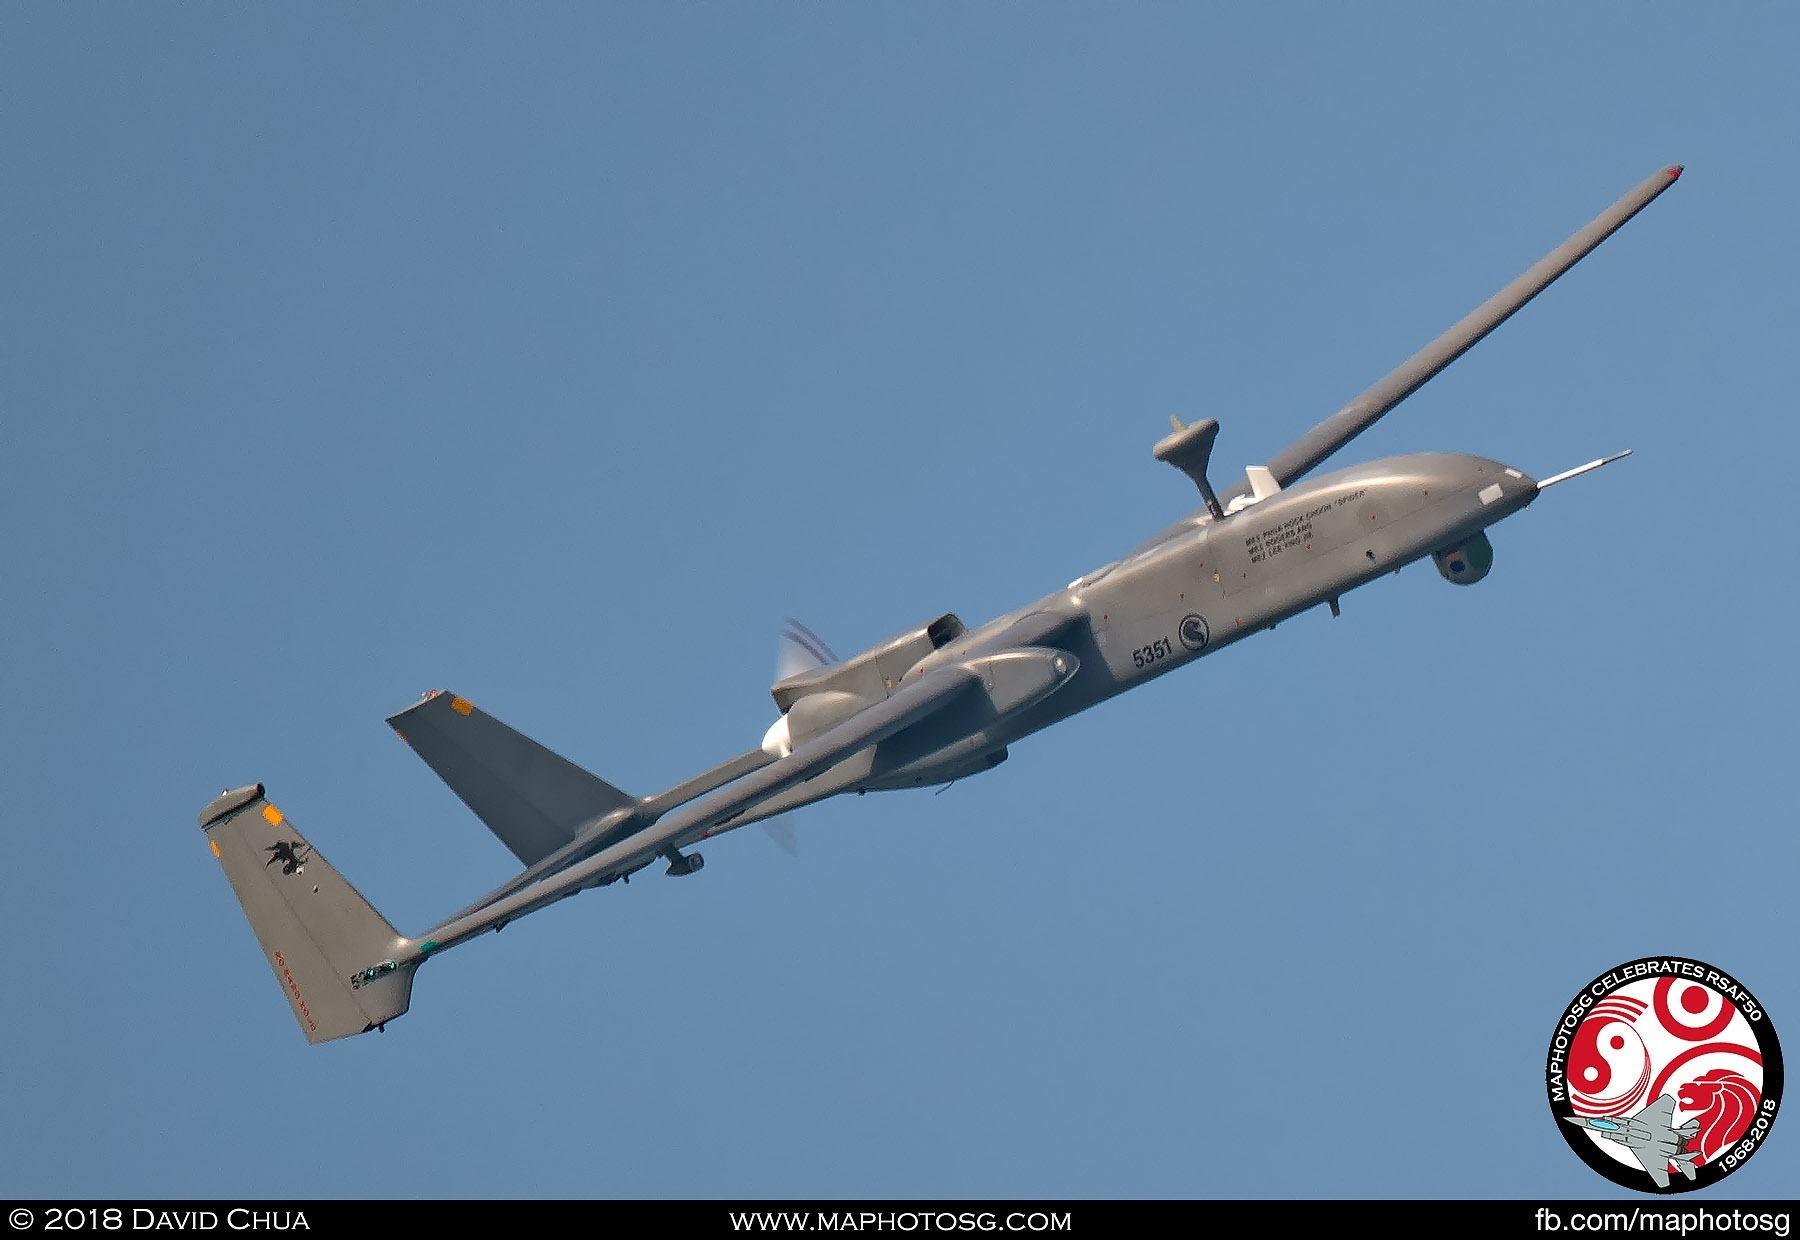 Heron1 UAV